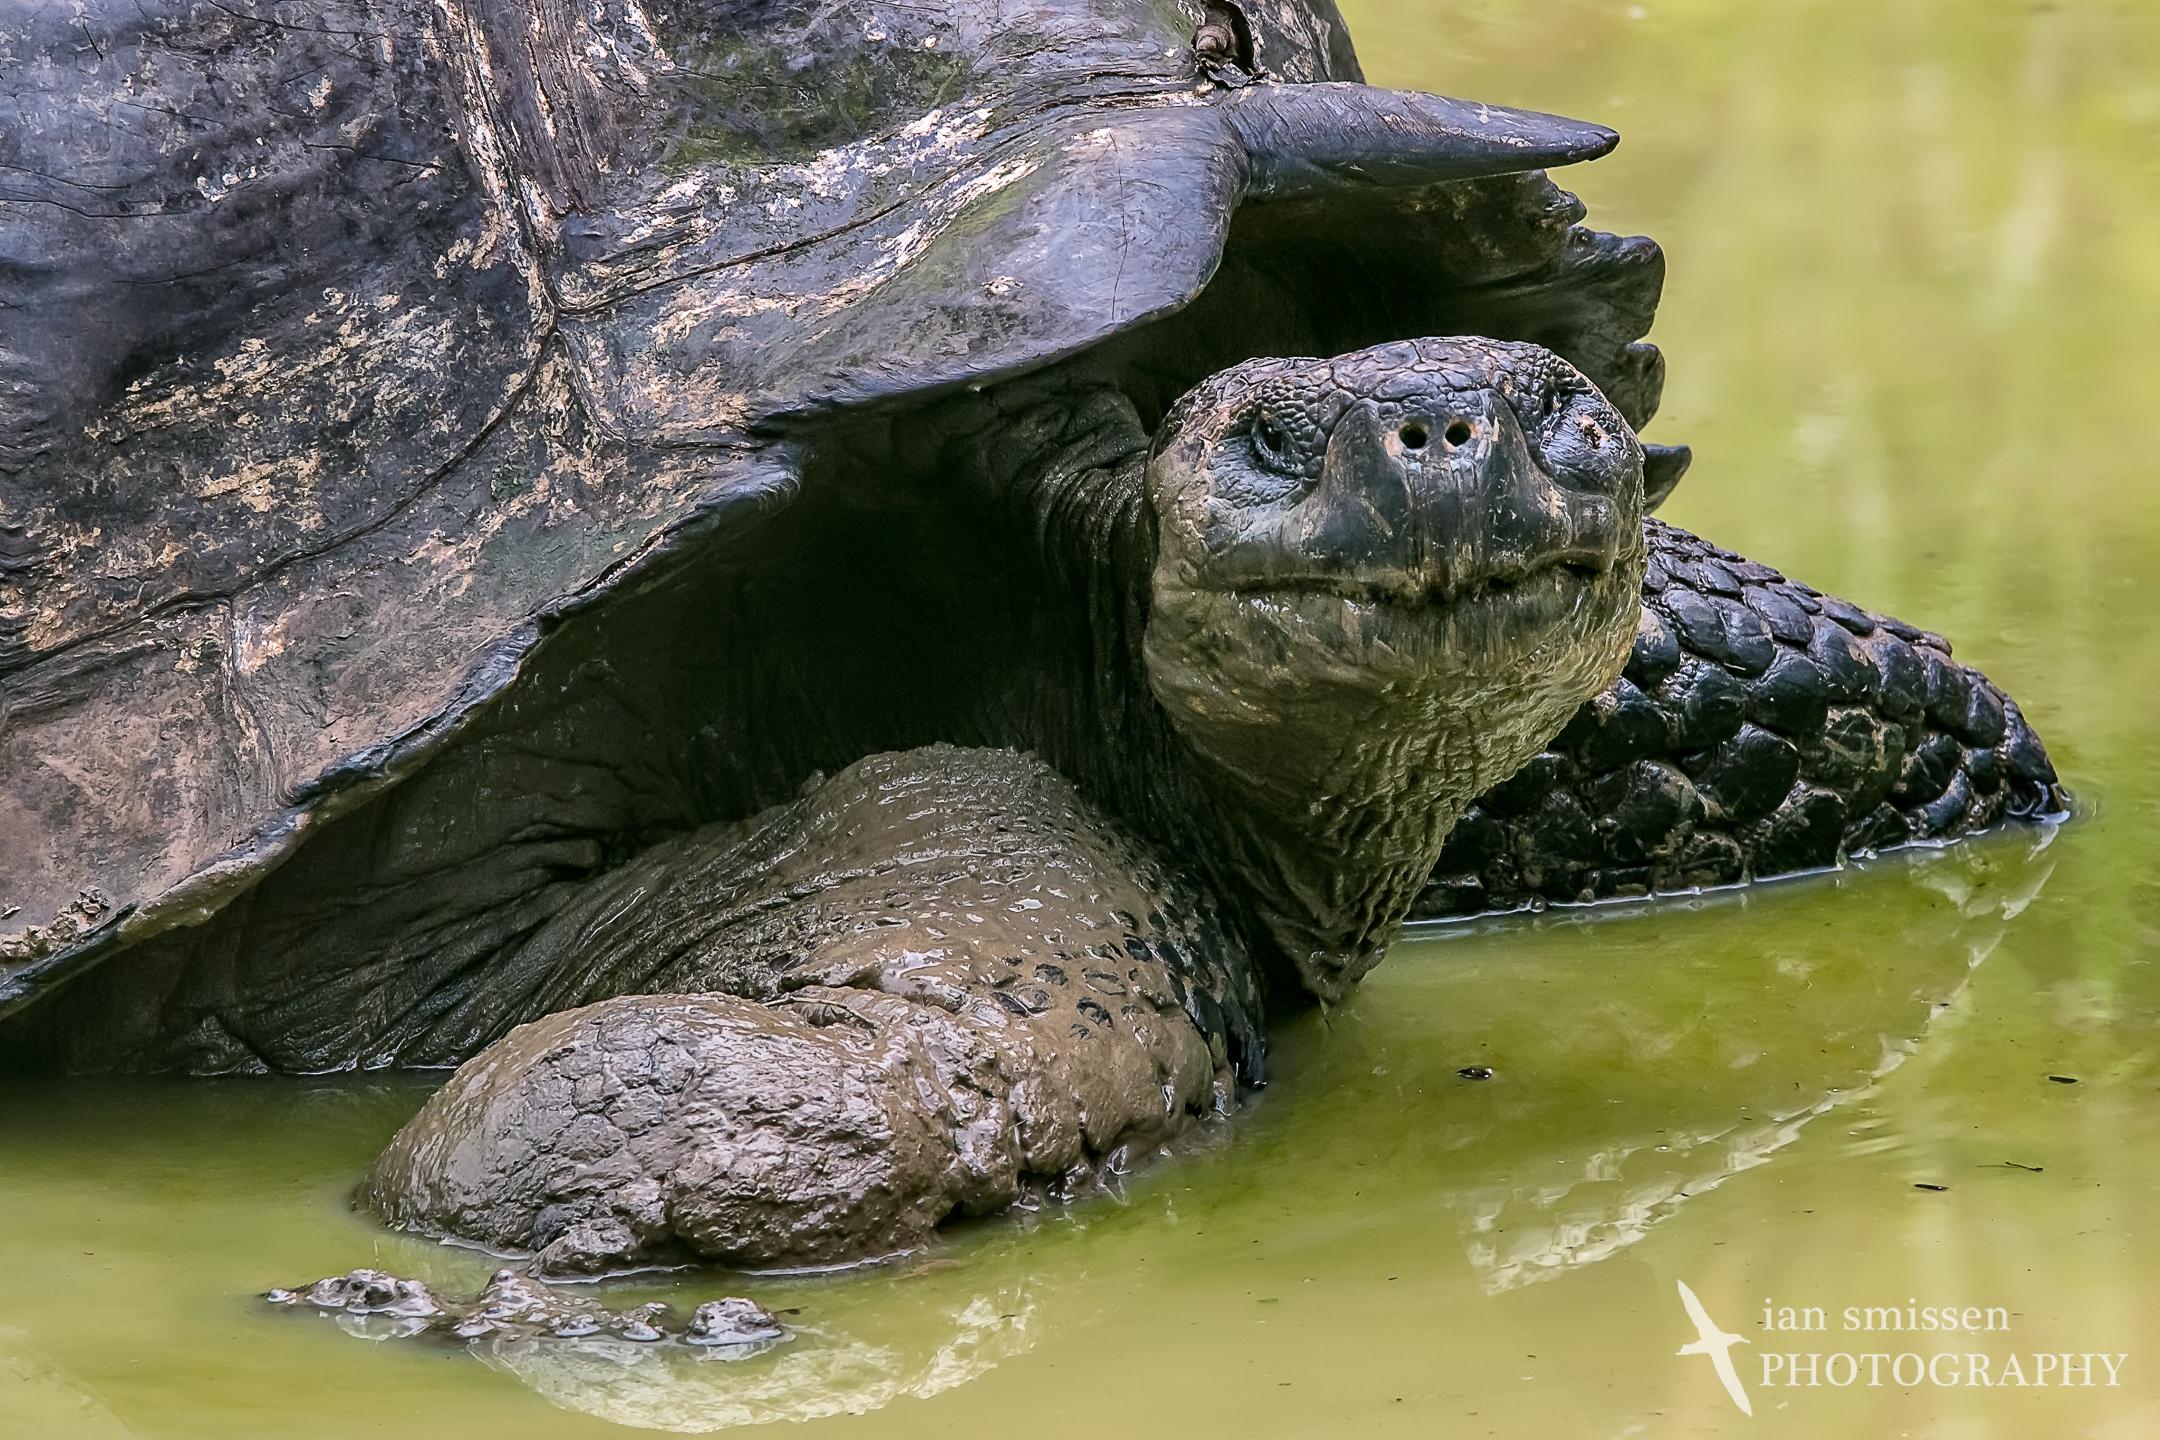 Galápagos Tortoise (Santa Cruz subspecies)